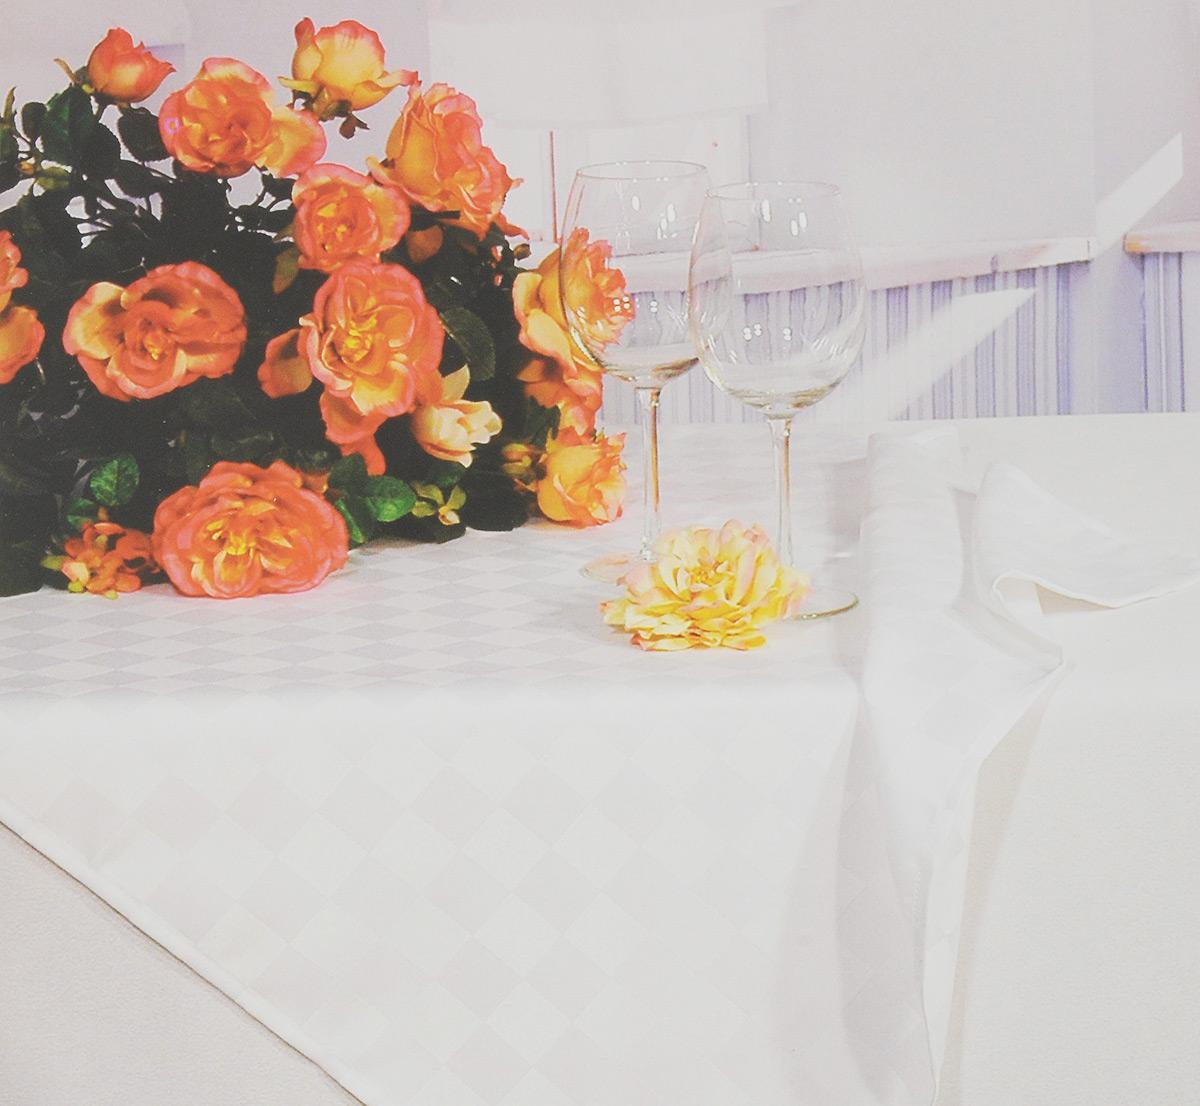 Скатерть Schaefer, прямоугольная, цвет: белый, 160 x 220 см. 4169/FB.014169/FB.01 Скатерть, 160*220 смПрямоугольная скатерть Schaefer, выполненная из полиэстера с оригинальным рисунком, станет изысканным украшением кухонного стола. За текстилем из полиэстера очень легко ухаживать: он не мнется, не садится и быстро сохнет, легко стирается, более долговечен, чем текстиль из натуральных волокон.Использование такой скатерти сделает застолье торжественным, поднимет настроение гостей и приятно удивит их вашим изысканным вкусом. Также вы можете использовать эту скатерть для повседневной трапезы, превратив каждый прием пищи в волшебный праздник и веселье. Это текстильное изделие станет изысканным украшением вашего дома!